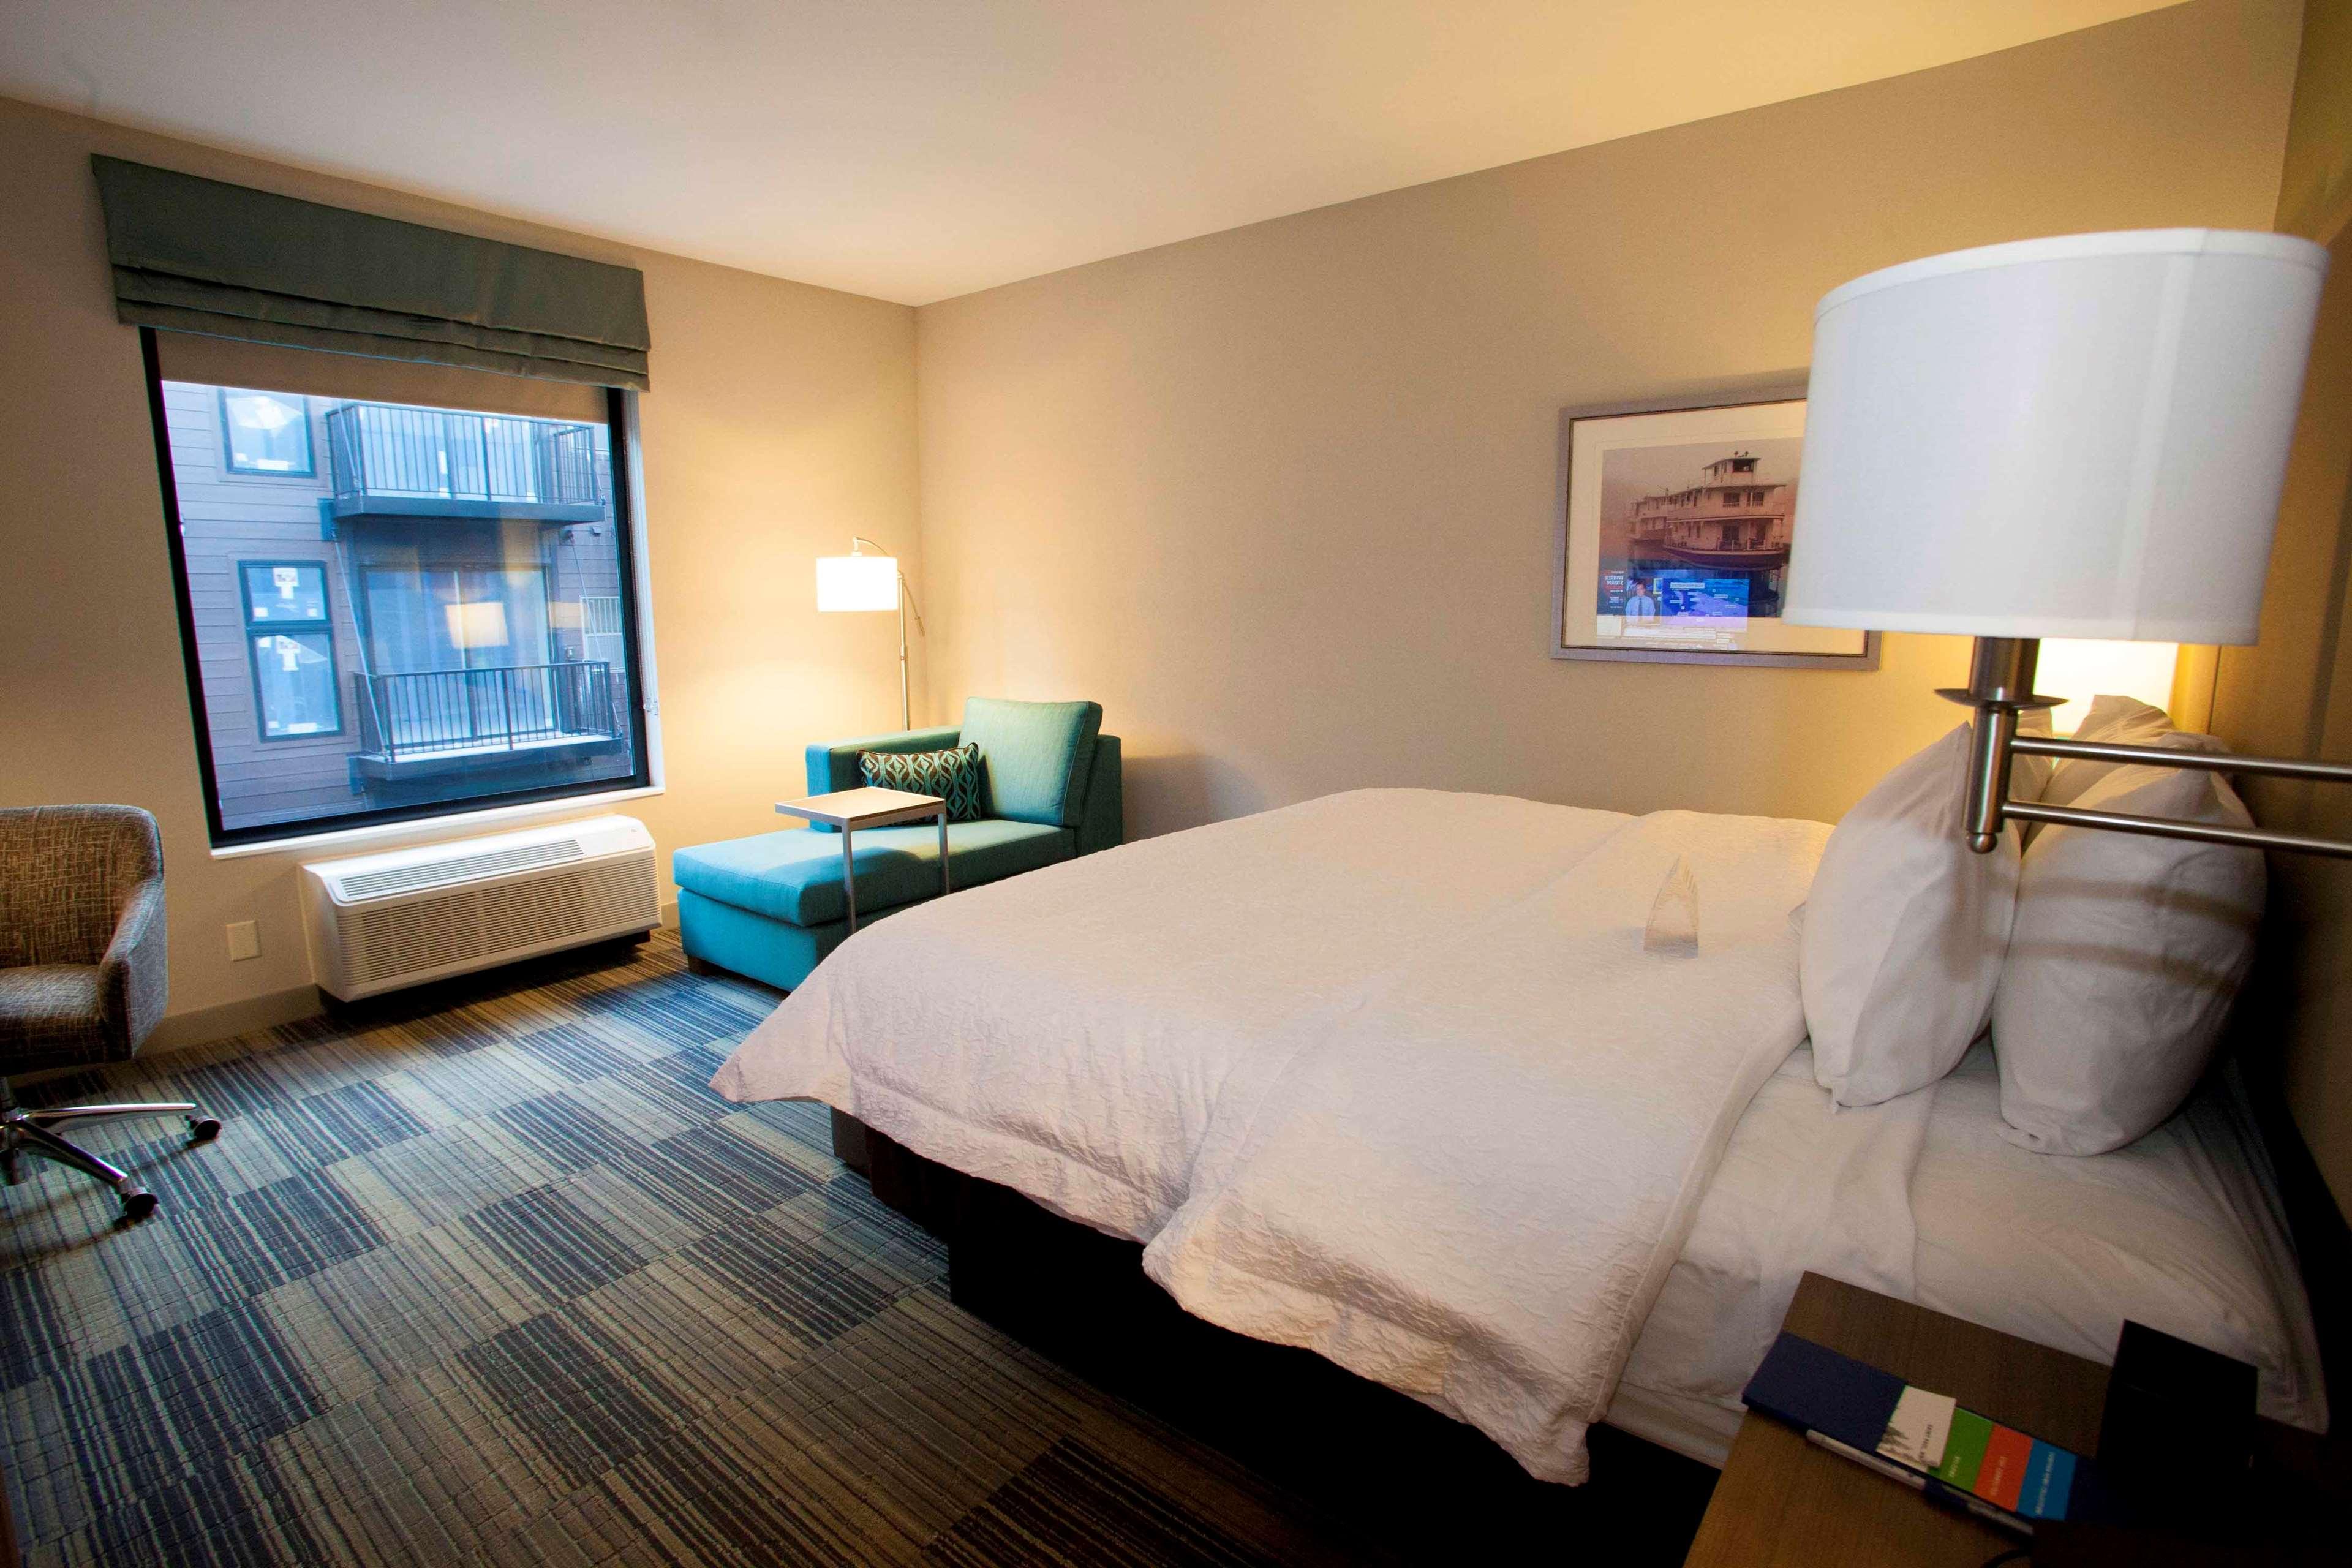 Hampton Inn & Suites Downtown St. Paul image 38